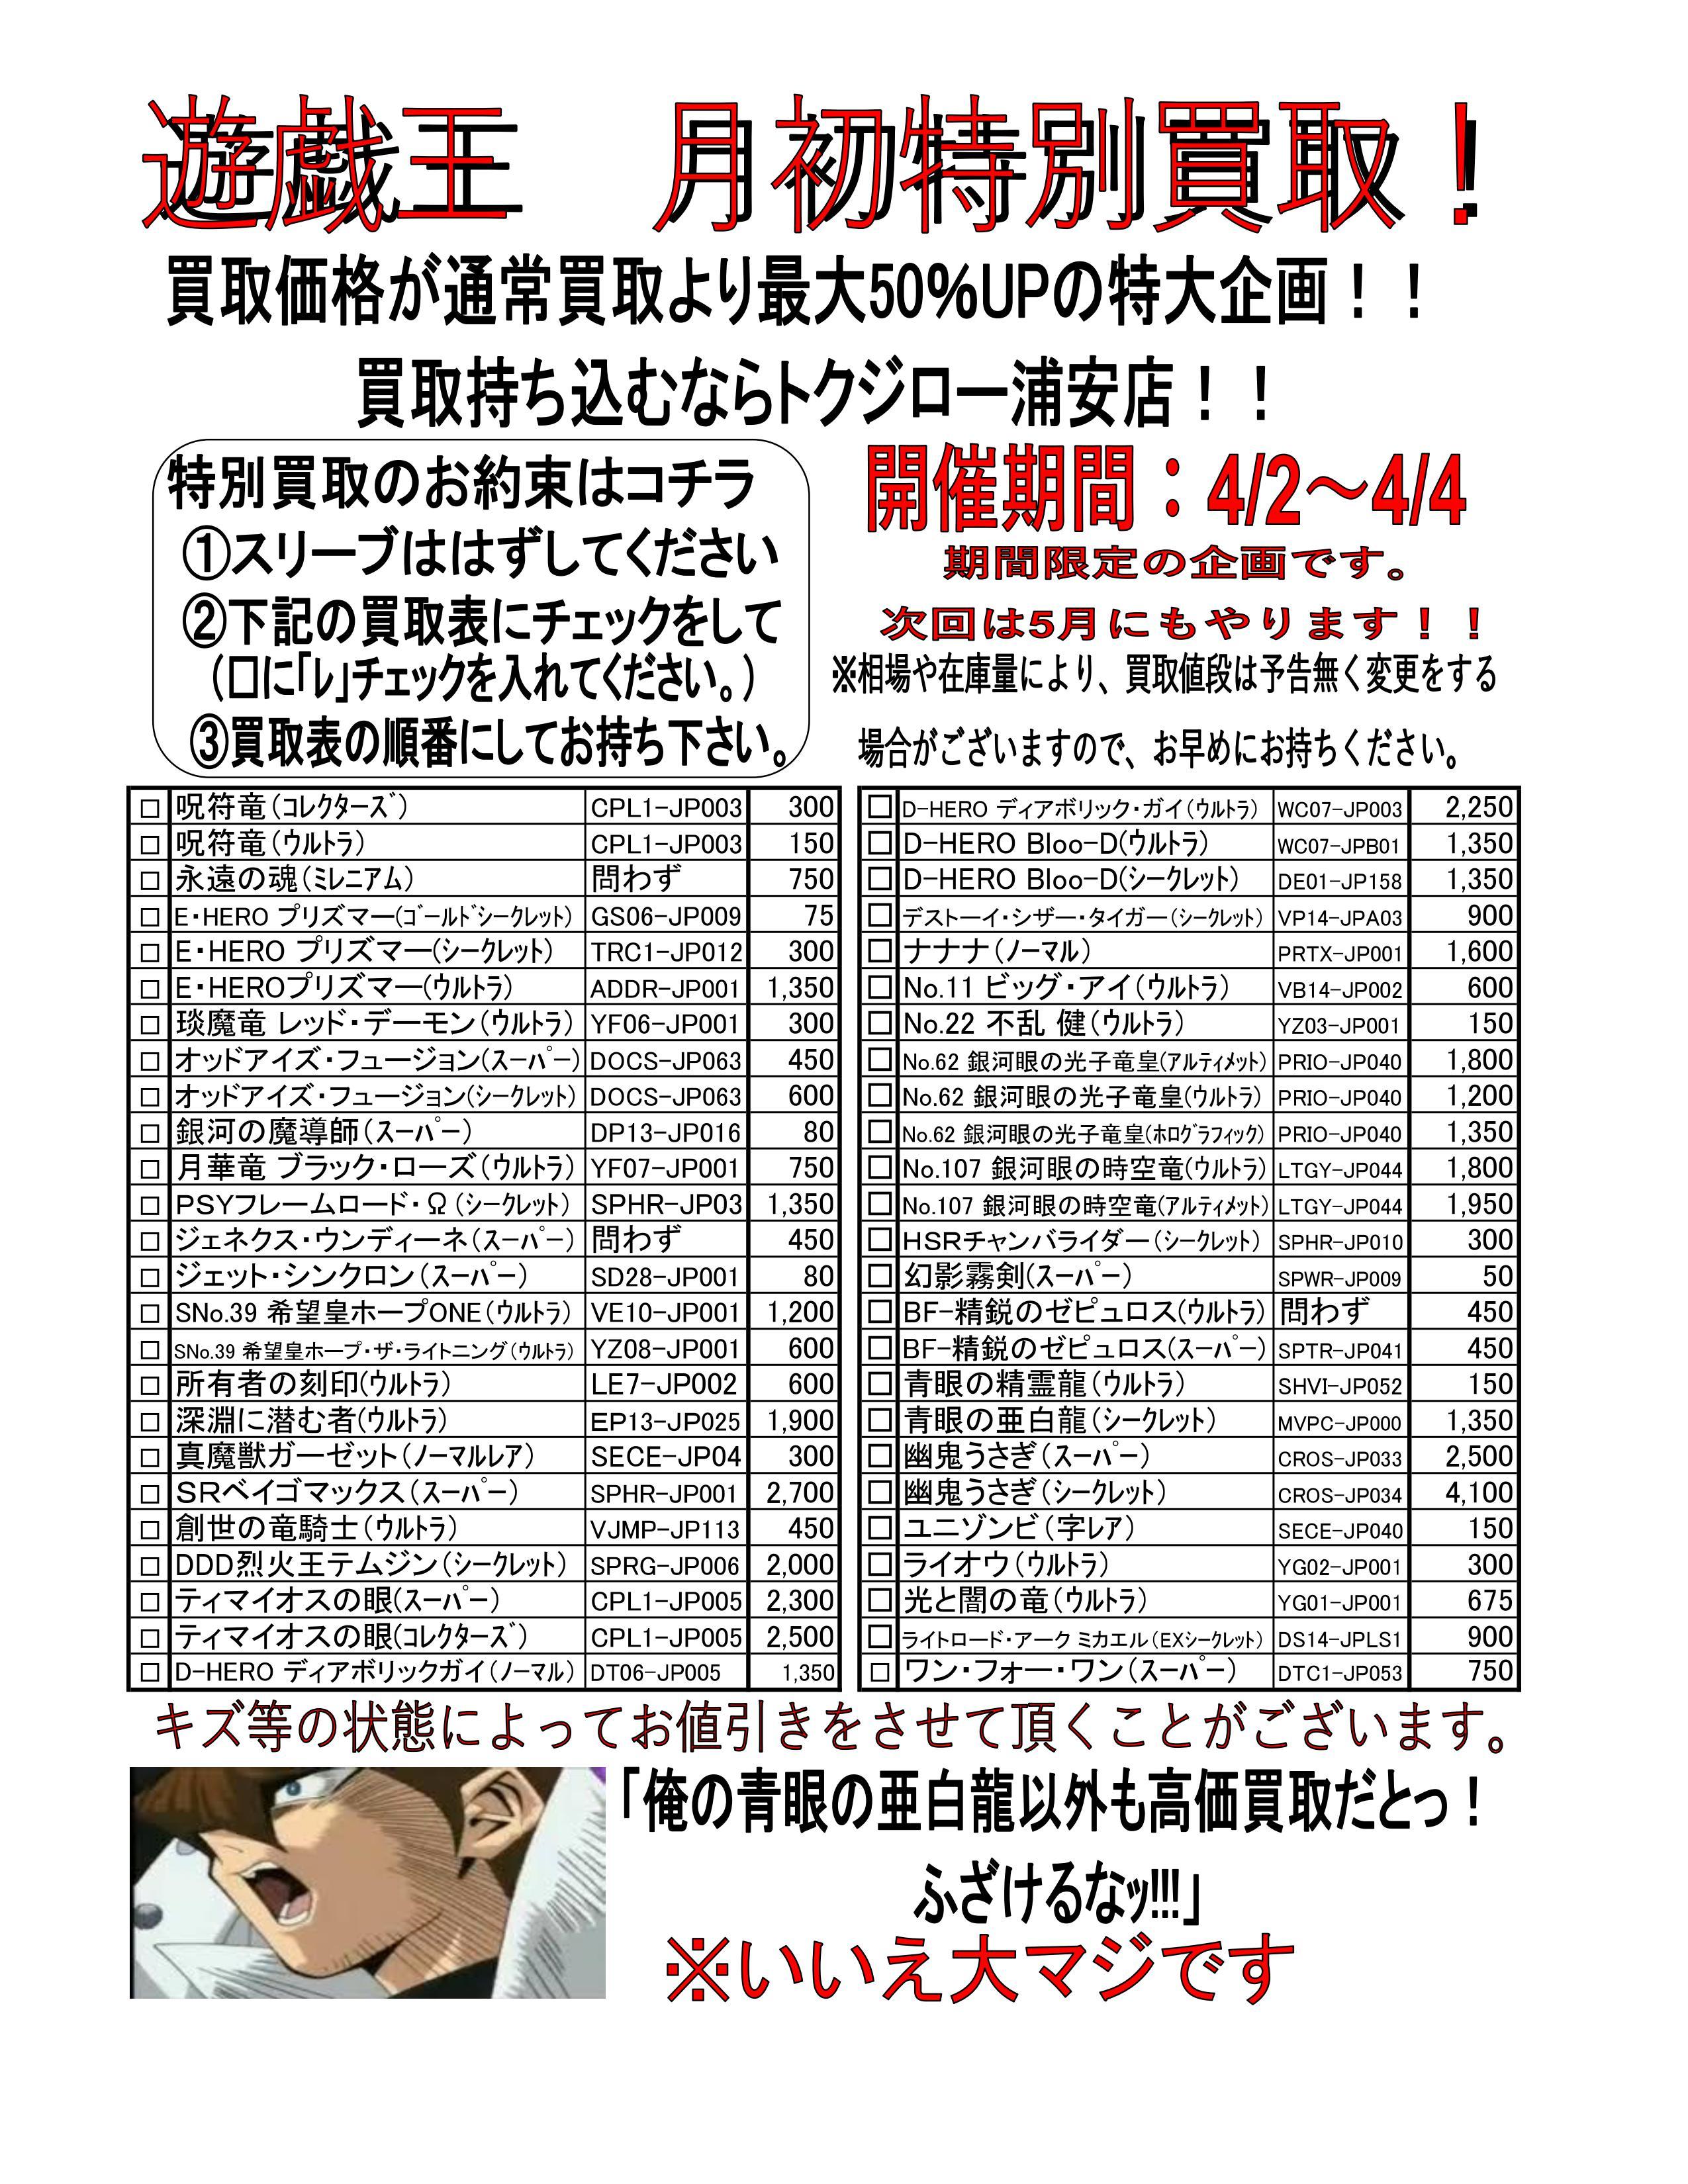 遊戯王月初特別 (2)